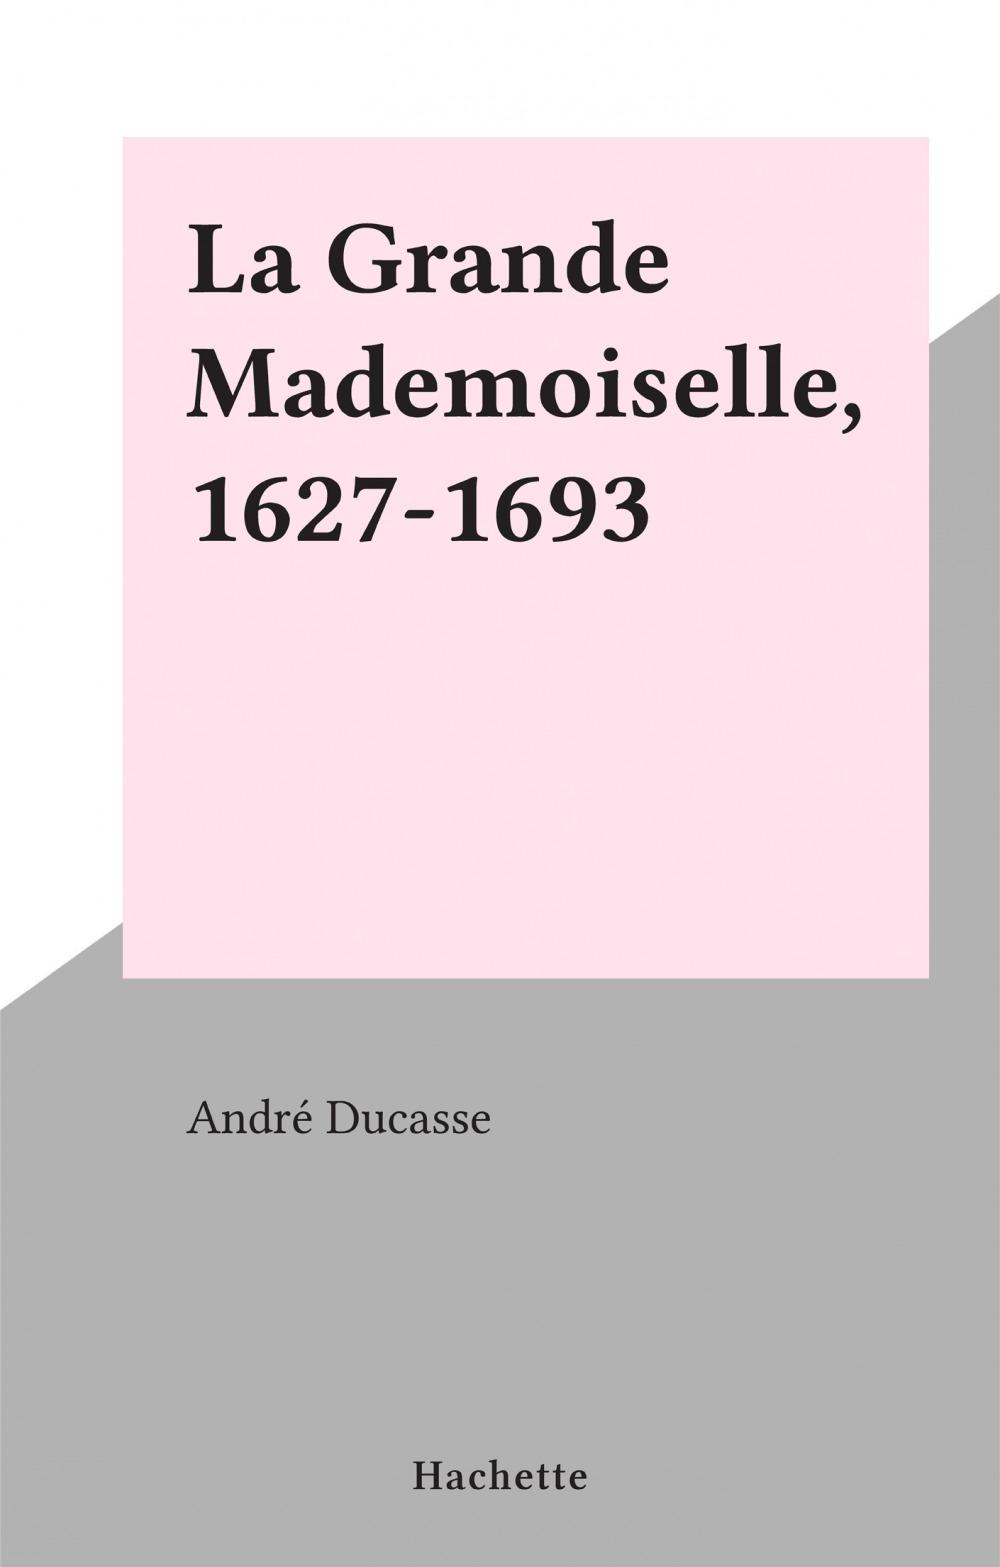 La Grande Mademoiselle, 1627-1693